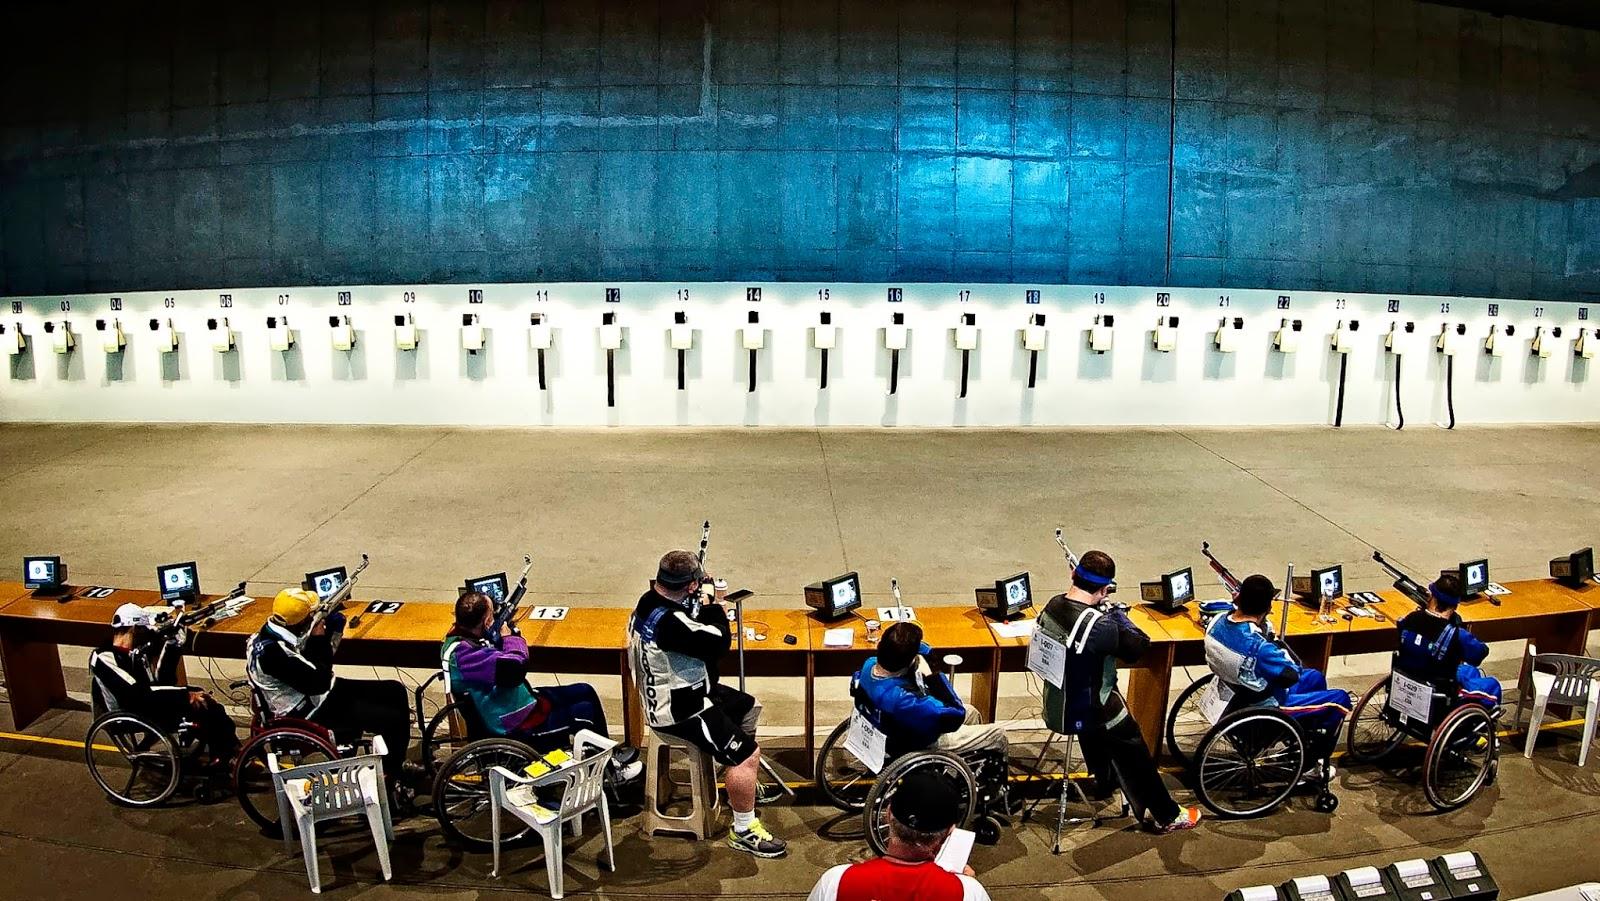 Atletas do Tiro Paradesportivo competem no CNTE - Foto: Marcio Rodrigues / MPIX / CPB